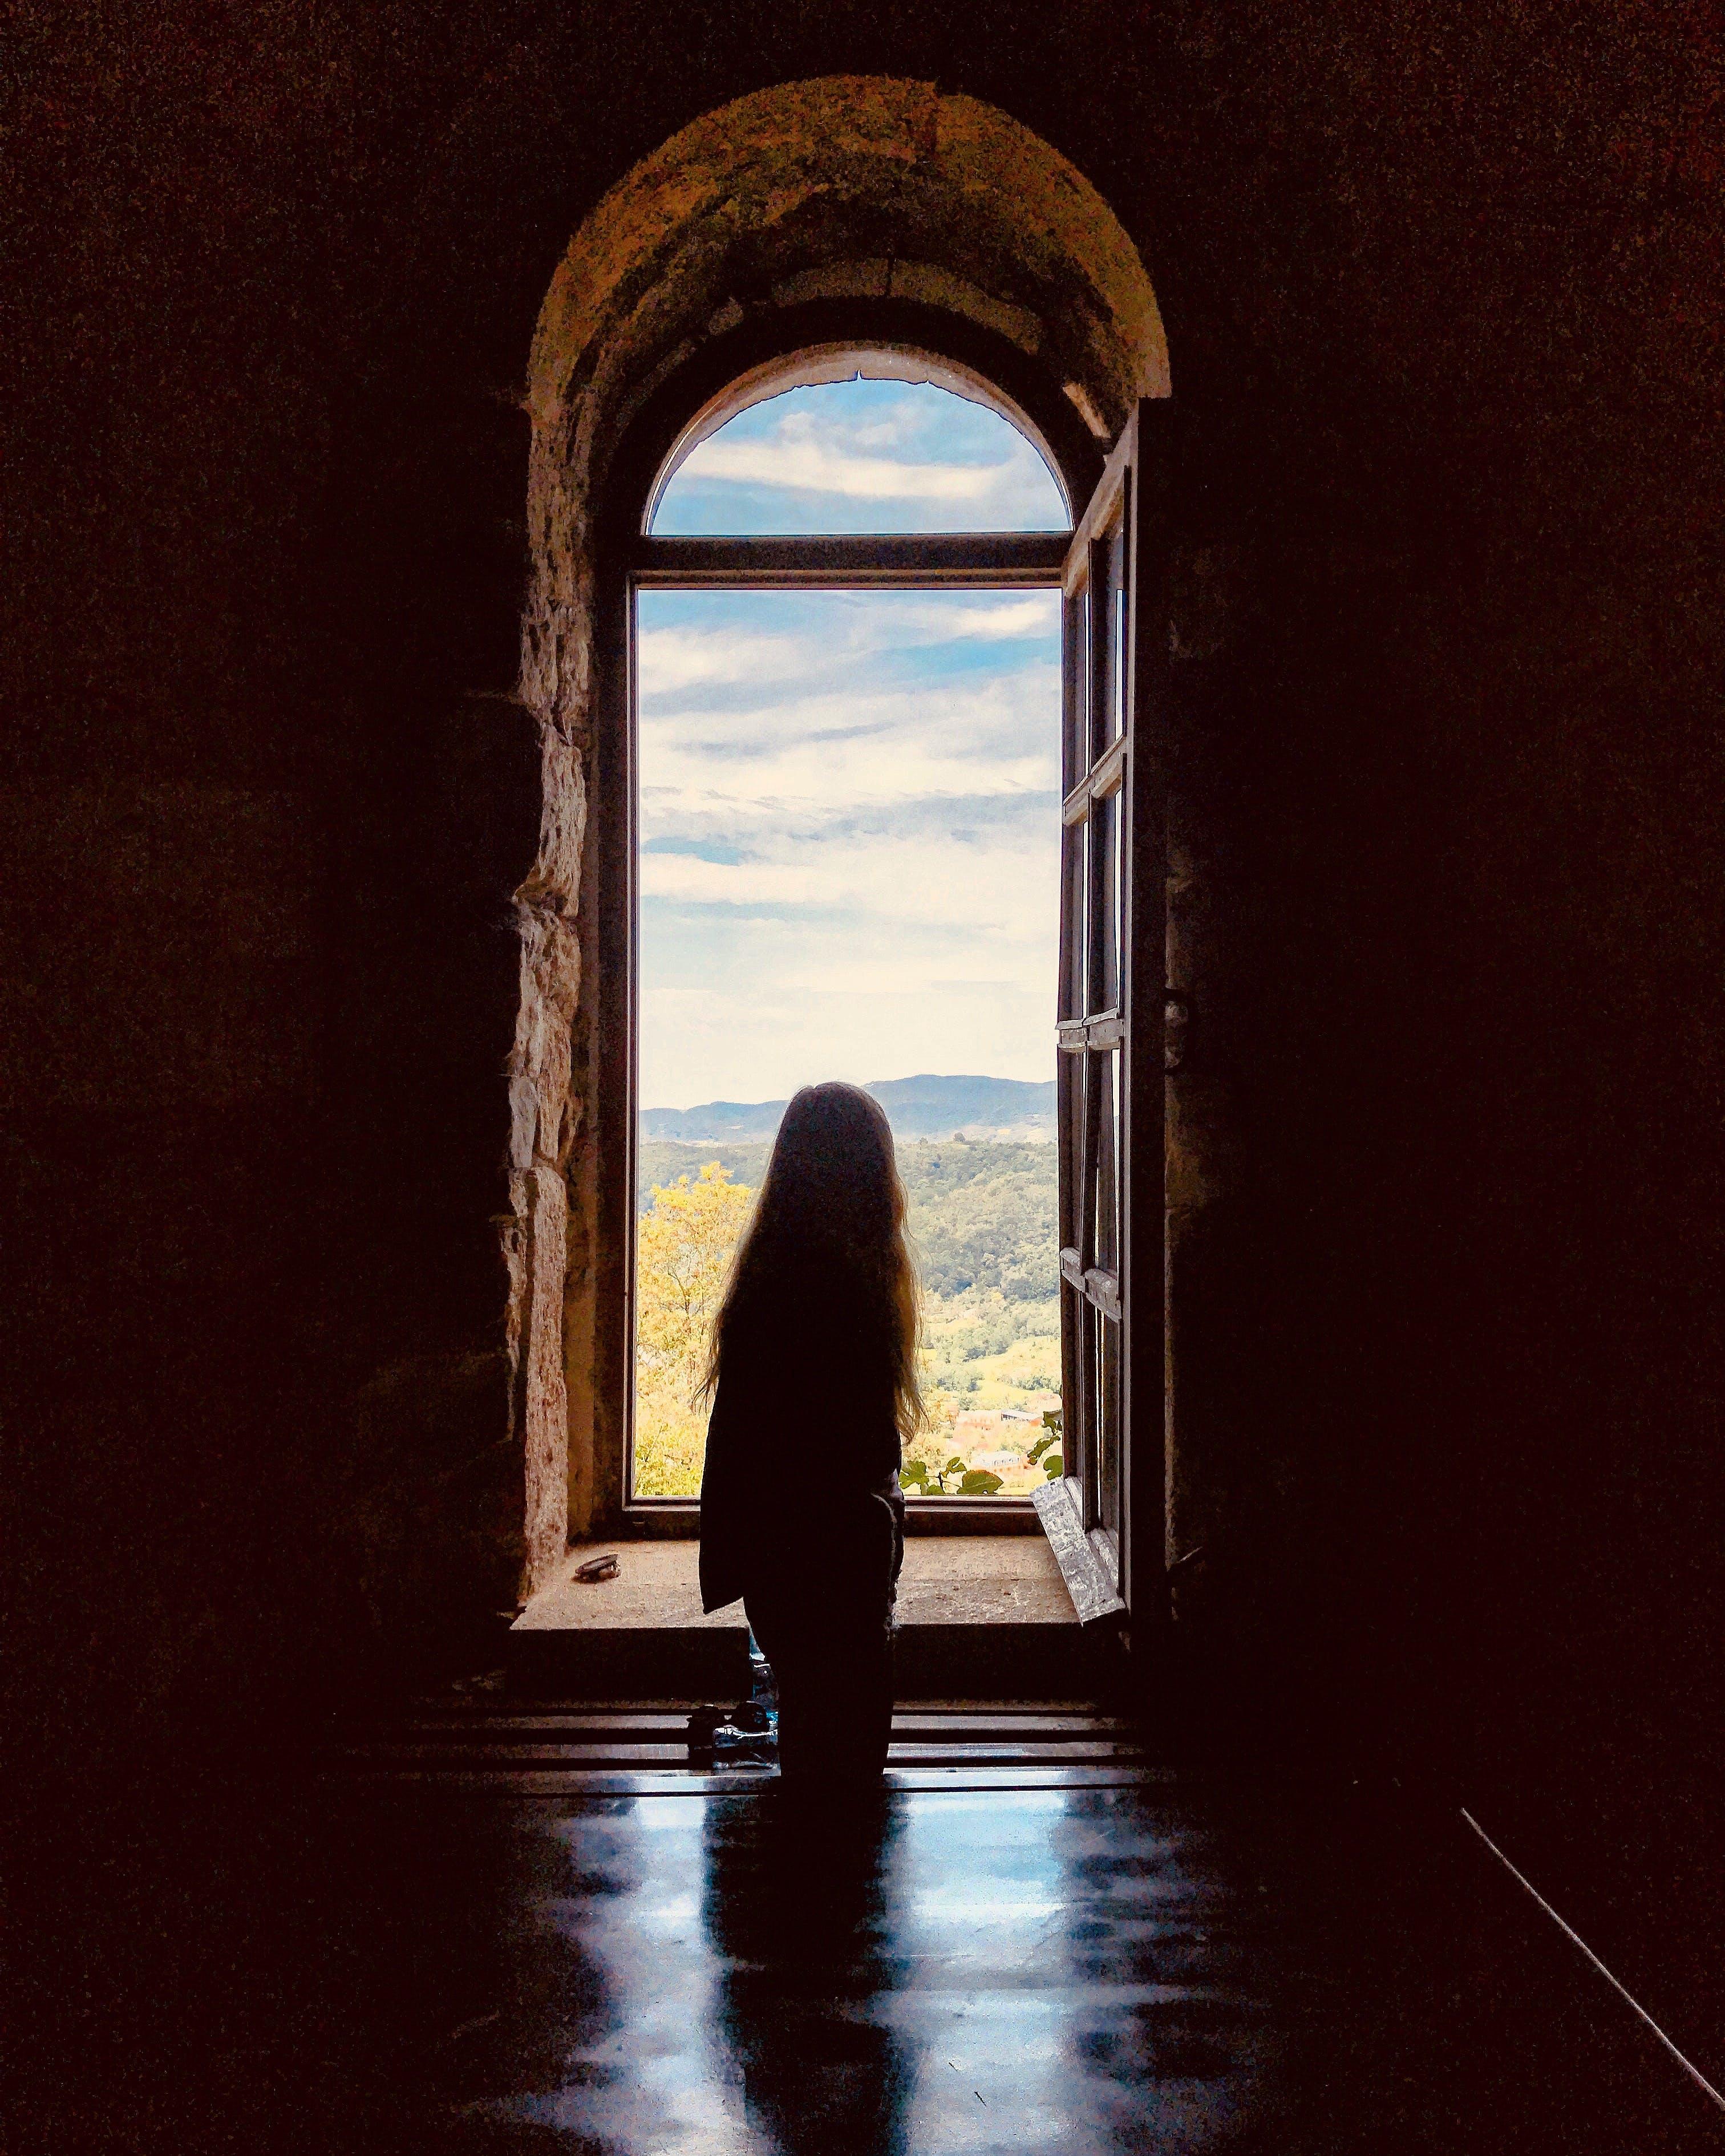 Giriş, kapı, kapı aralığı, kemer içeren Ücretsiz stok fotoğraf